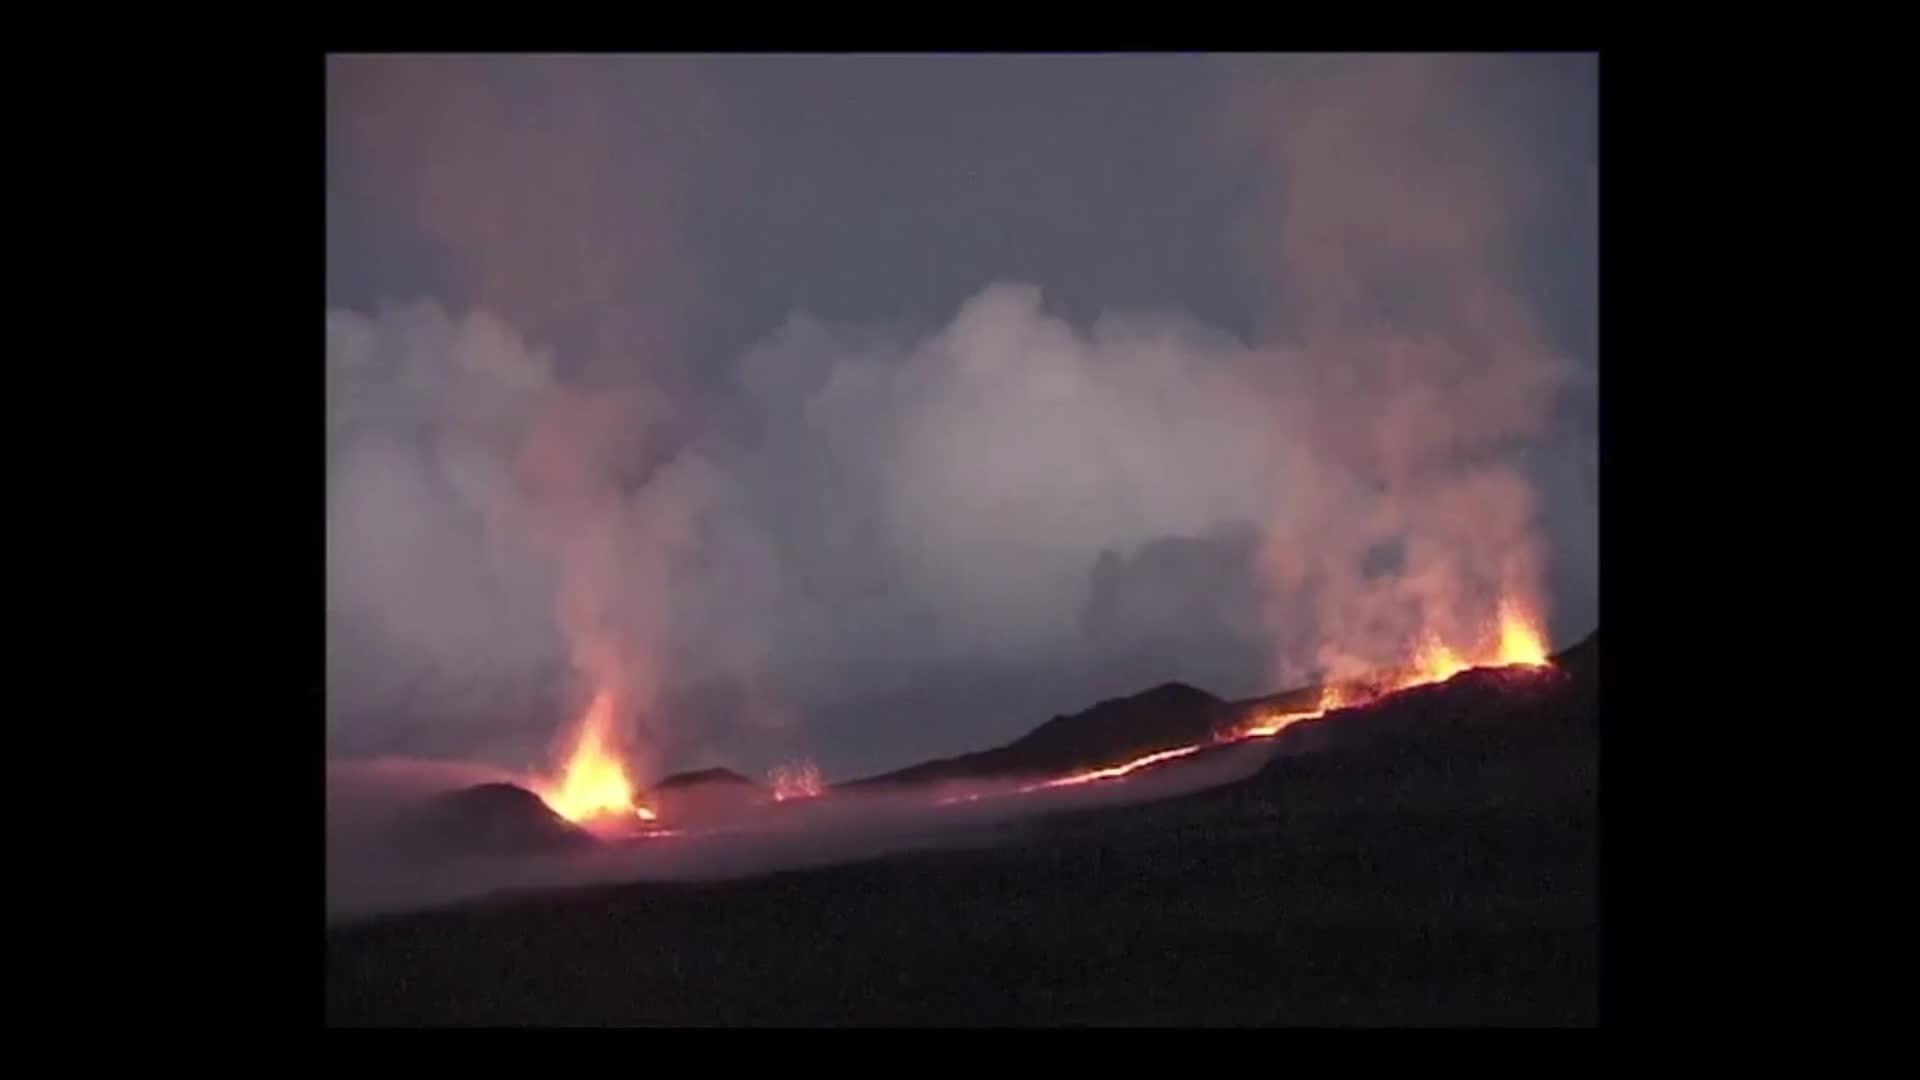 Images d'îles : la Fournaise, volcan à la Réunion s'est réveillée...